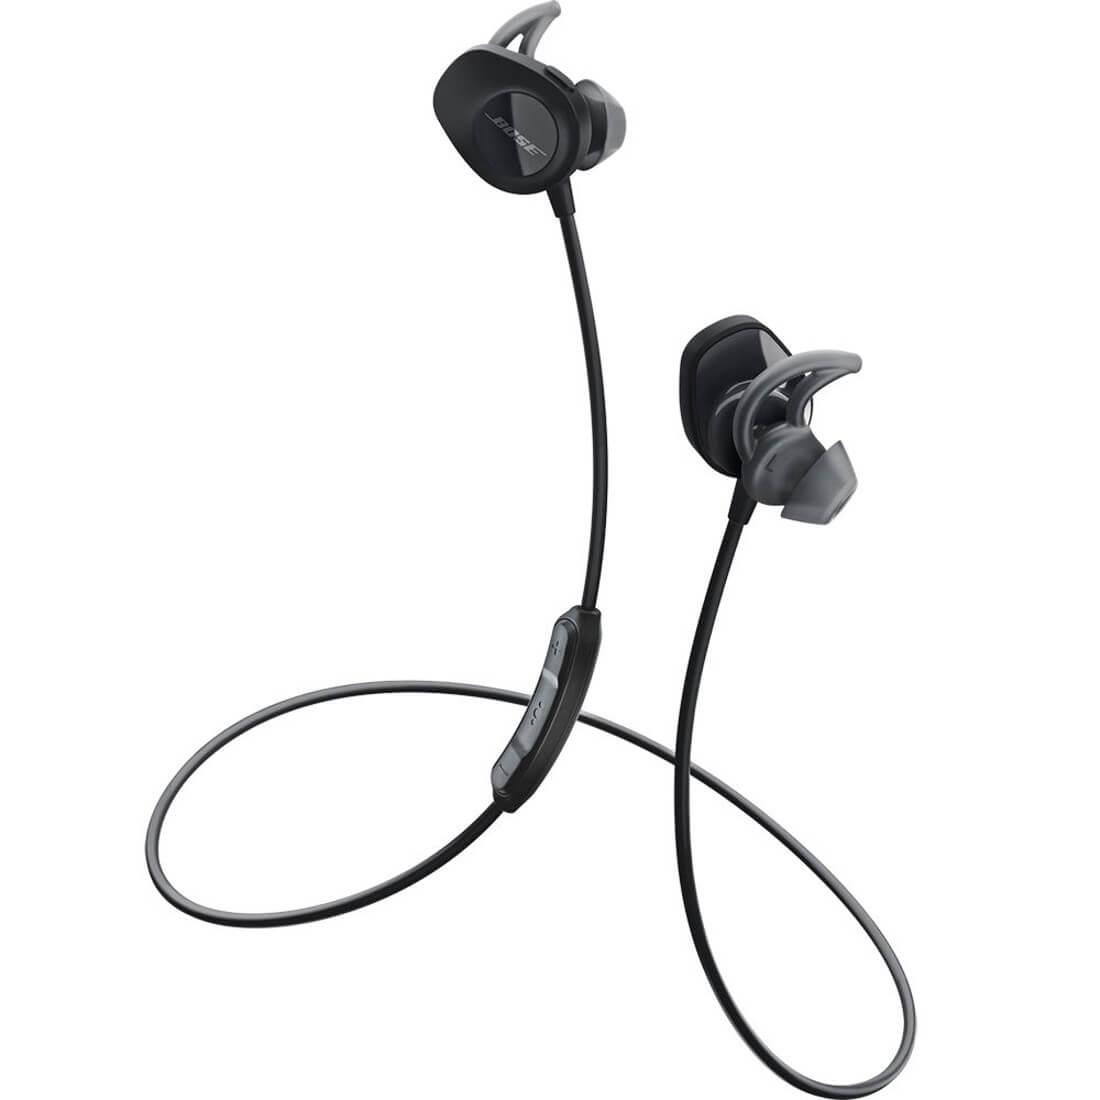 bose_761529_0010_soundsport_wireless_in_ear_headphone_1250649-2